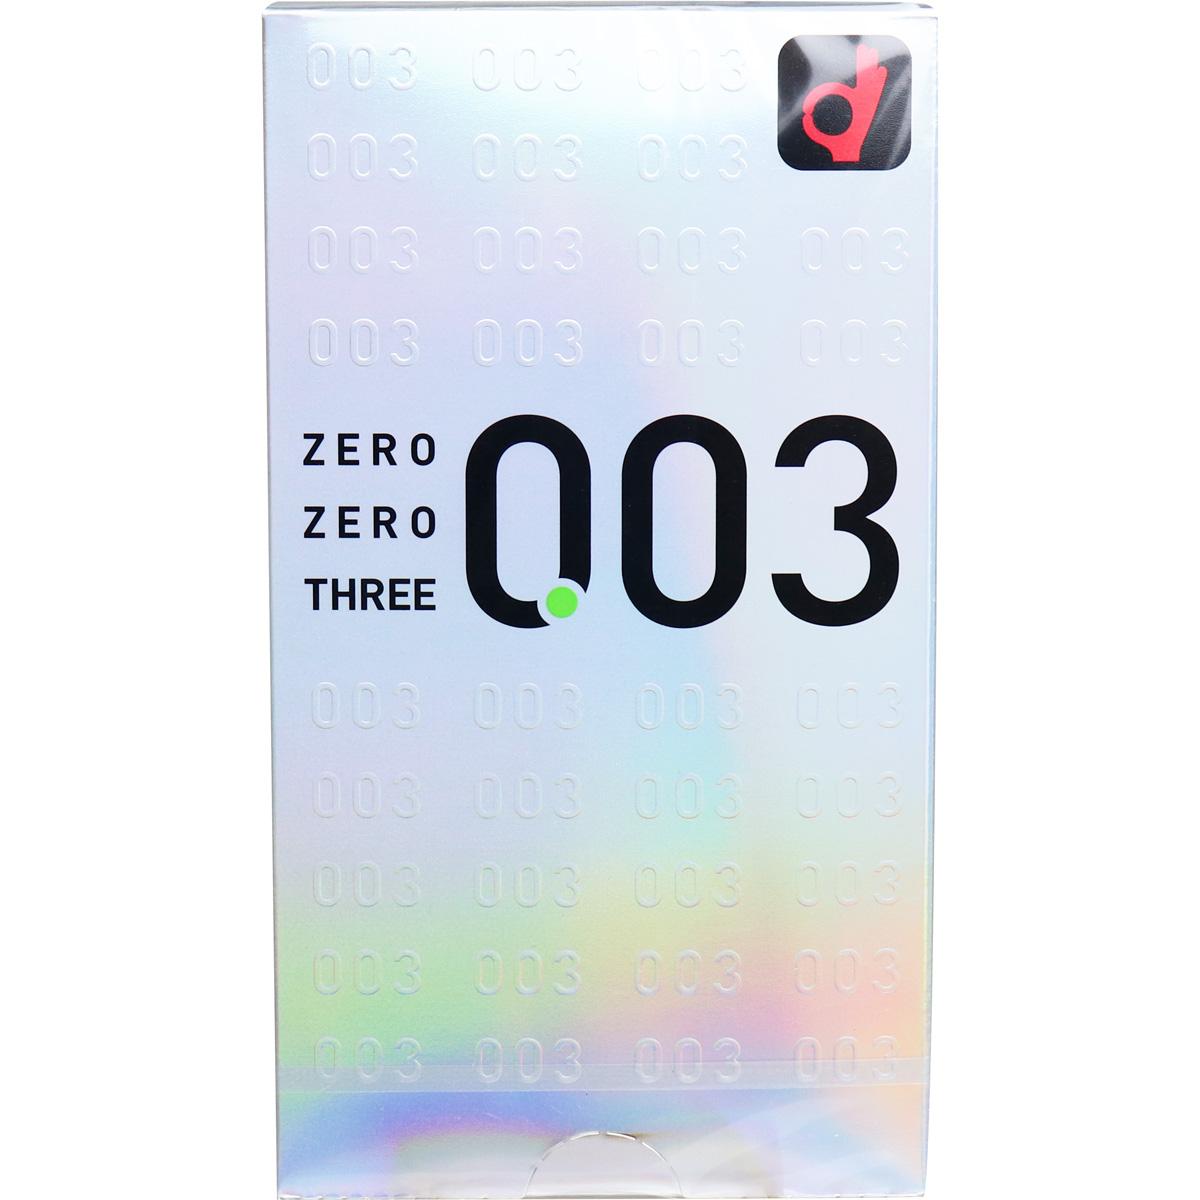 オカモト ゼロゼロスリー003 コンドーム 12個入